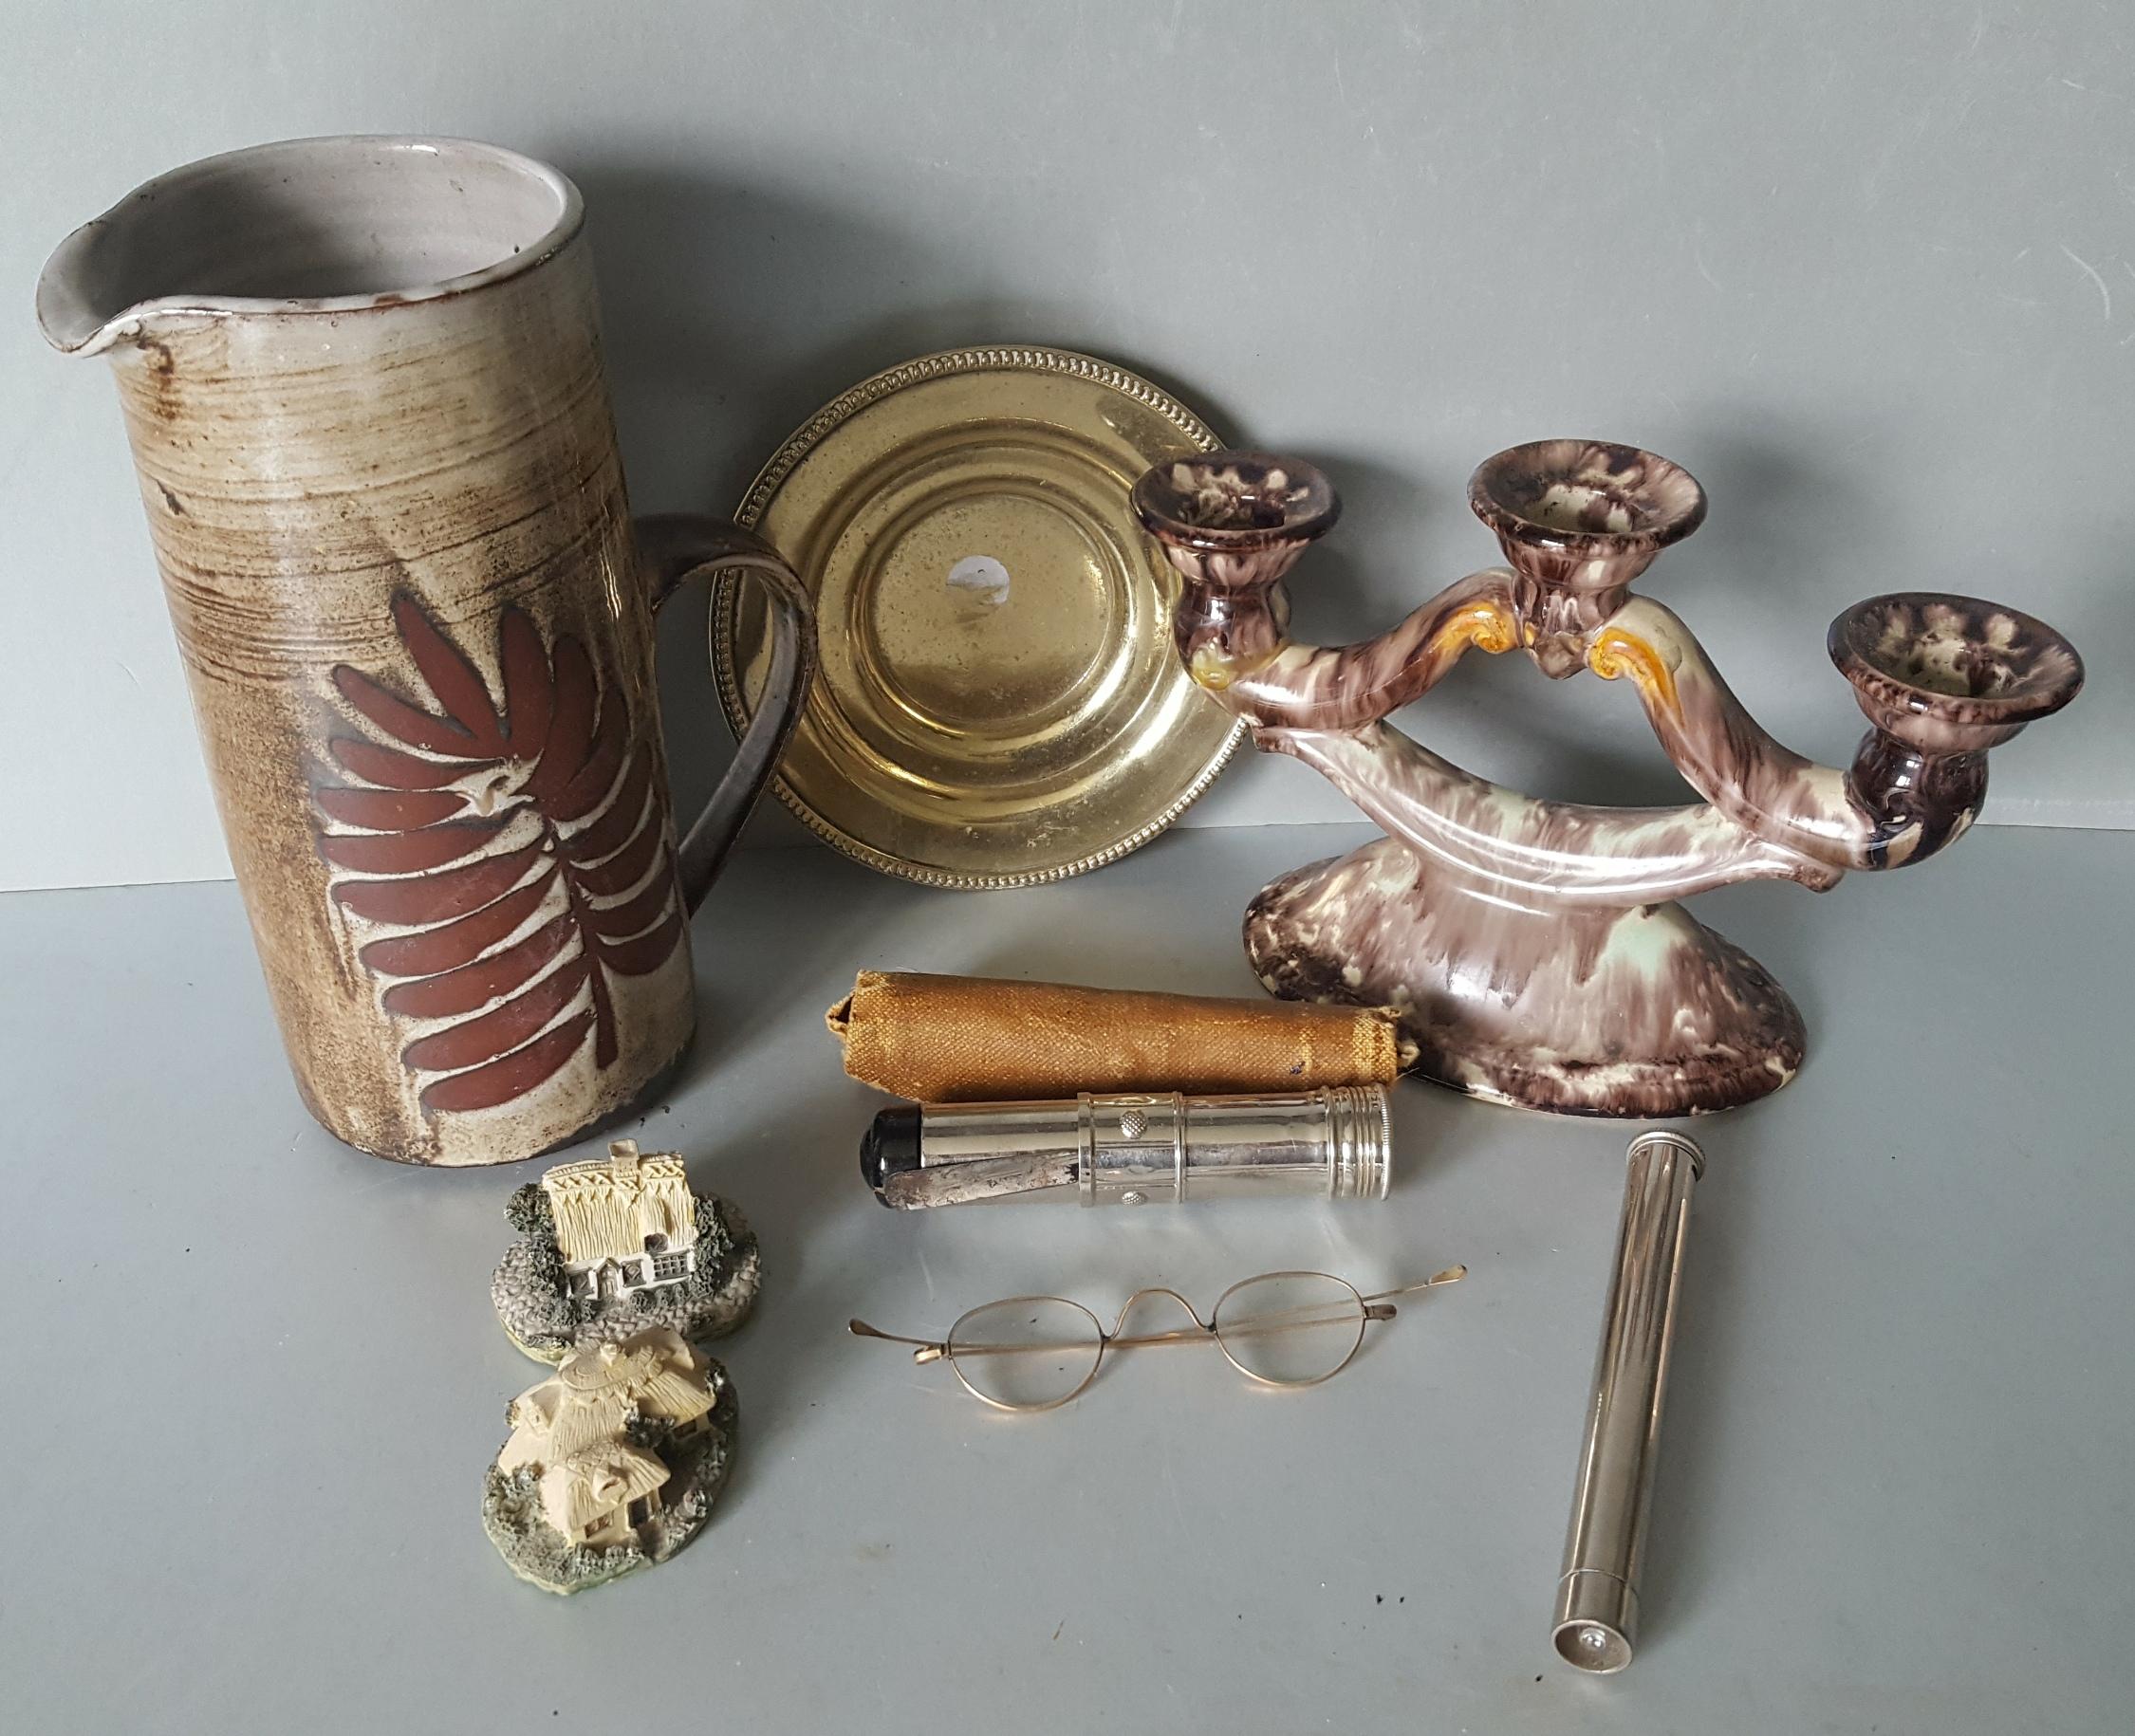 Lot 105 - Antique Vintage Retro Briglin Ware West German Pottery Leonardo Cottages Plus More NO RESERVE